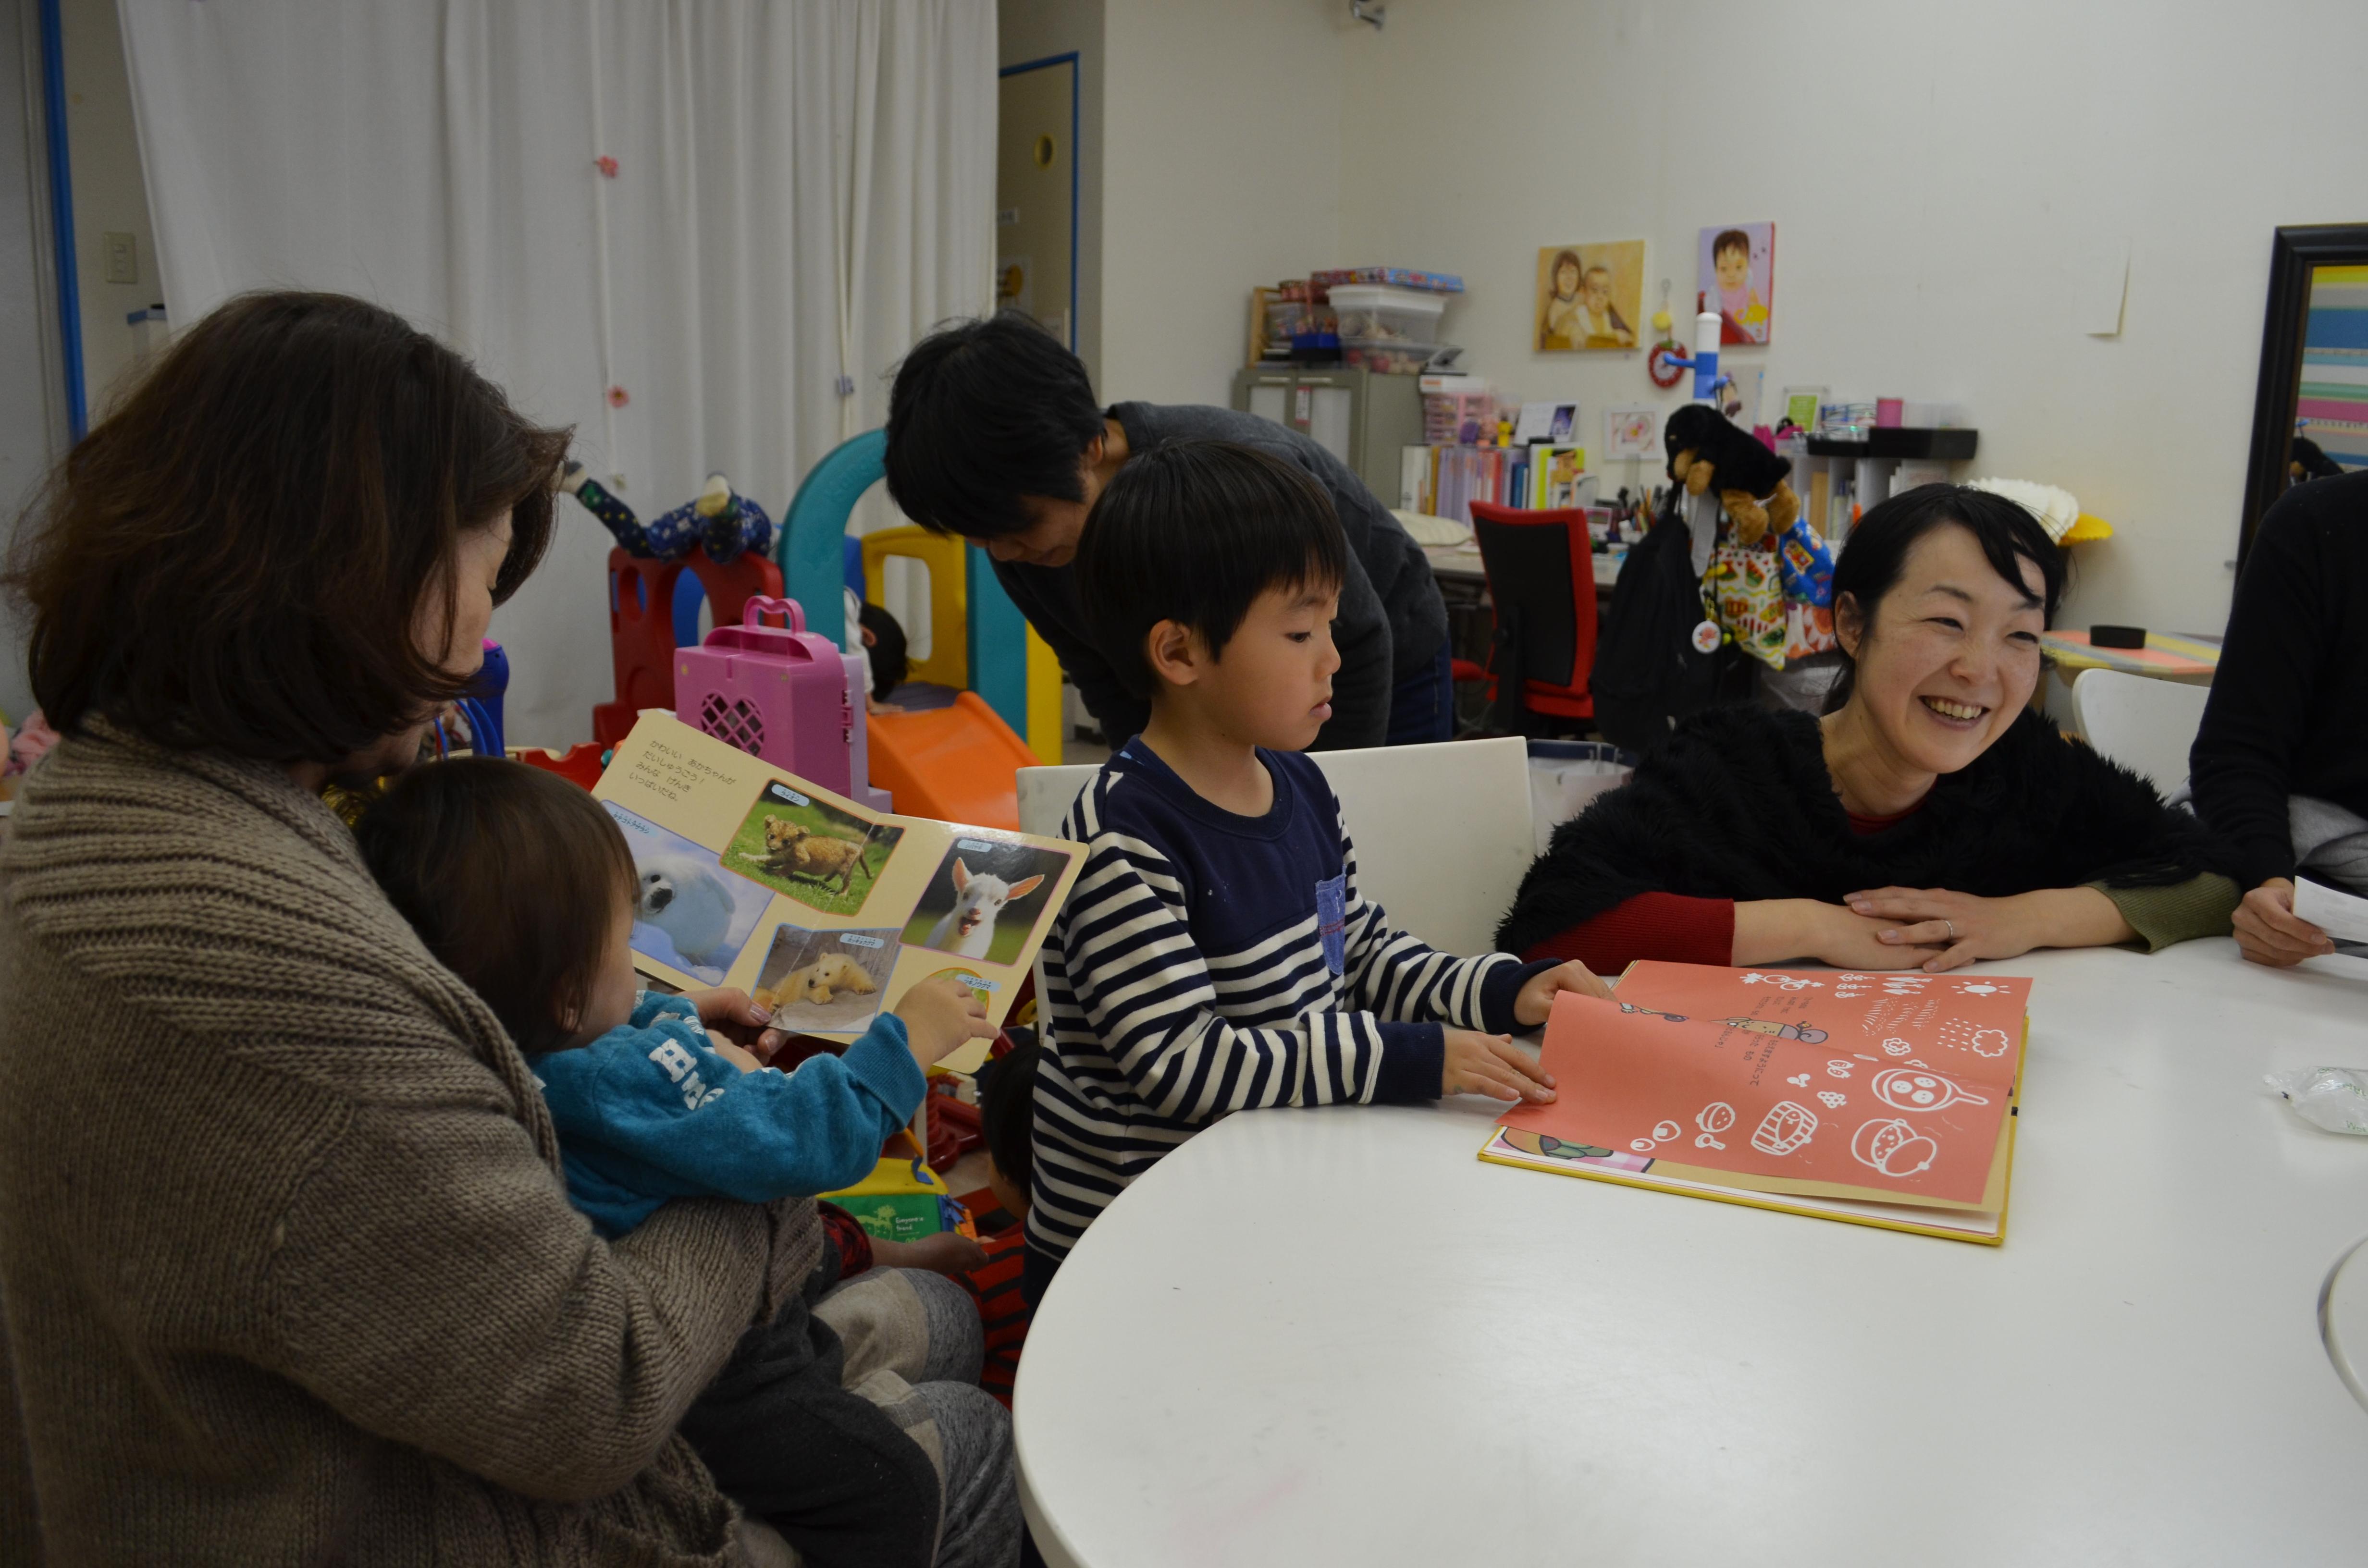 ショッピングセンターにある「にこりこ」には、買い物ついでに親子連れが立ち寄る=千葉市